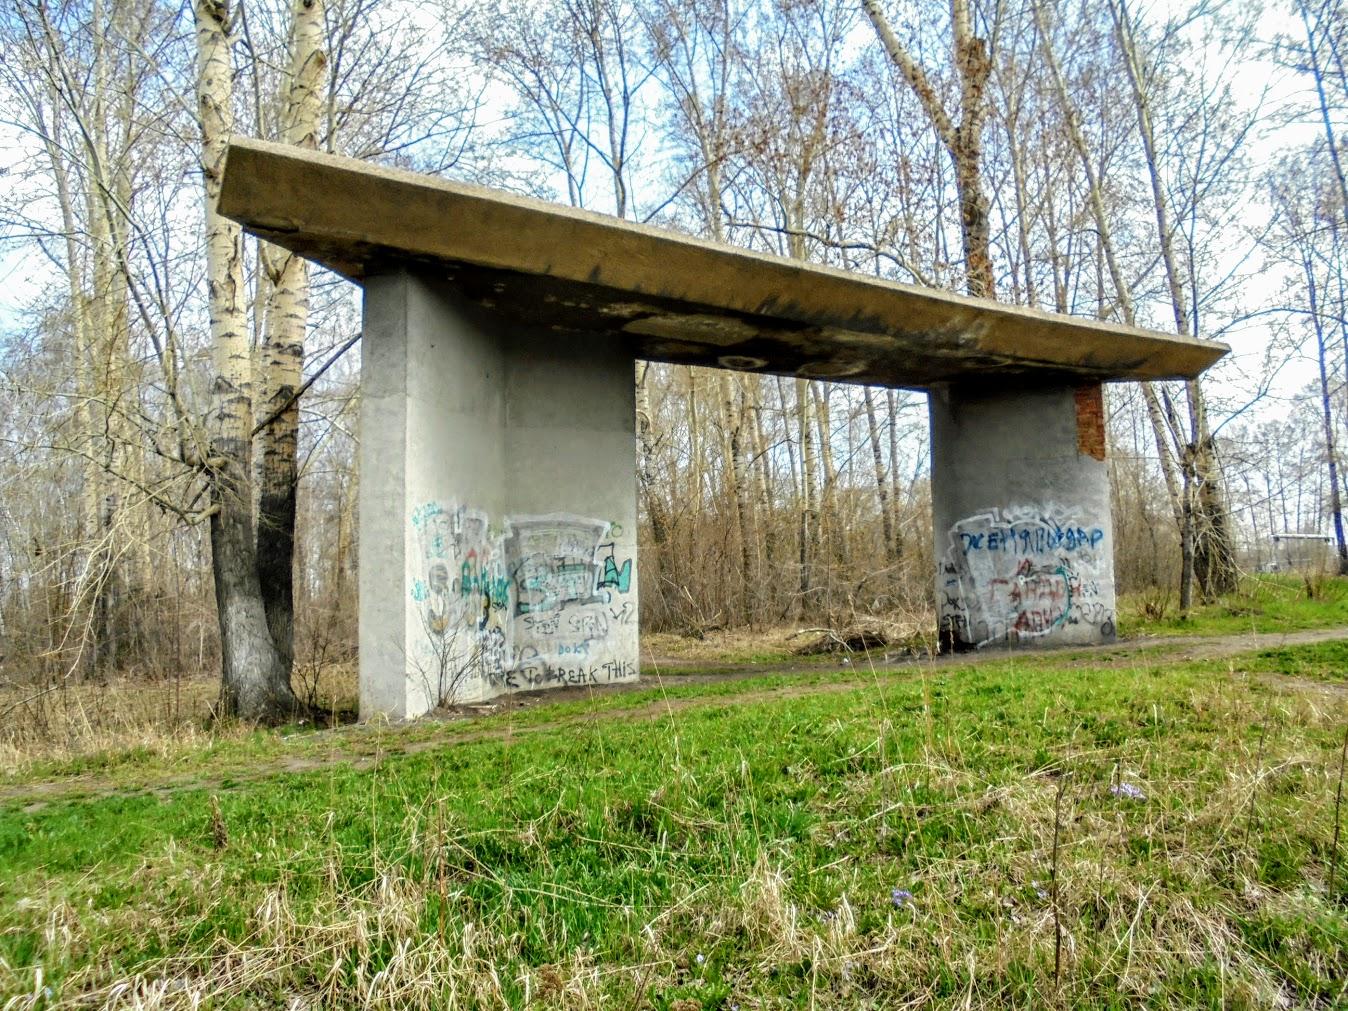 Посёлок шахты Северная. Заброшенный парк. Старые фото. Кемерово ч 2